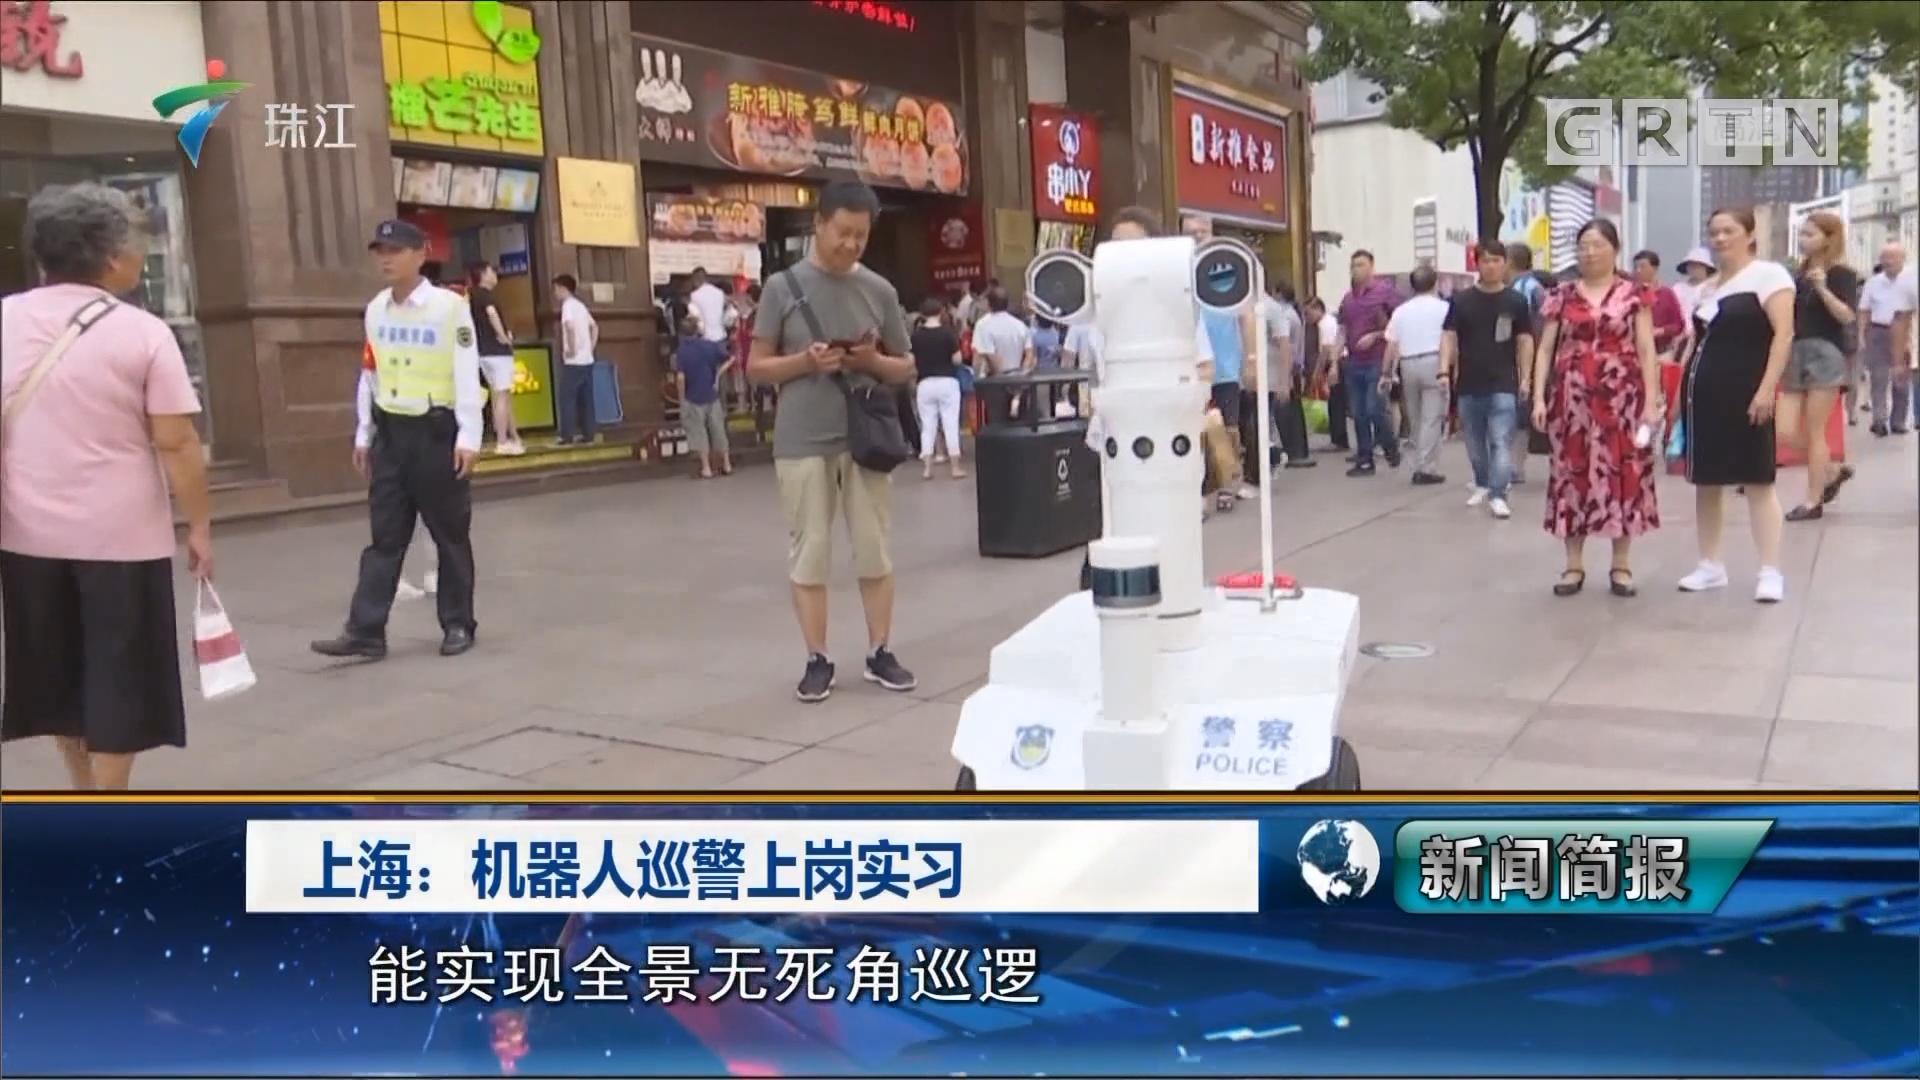 上海:机器人巡警上岗实习